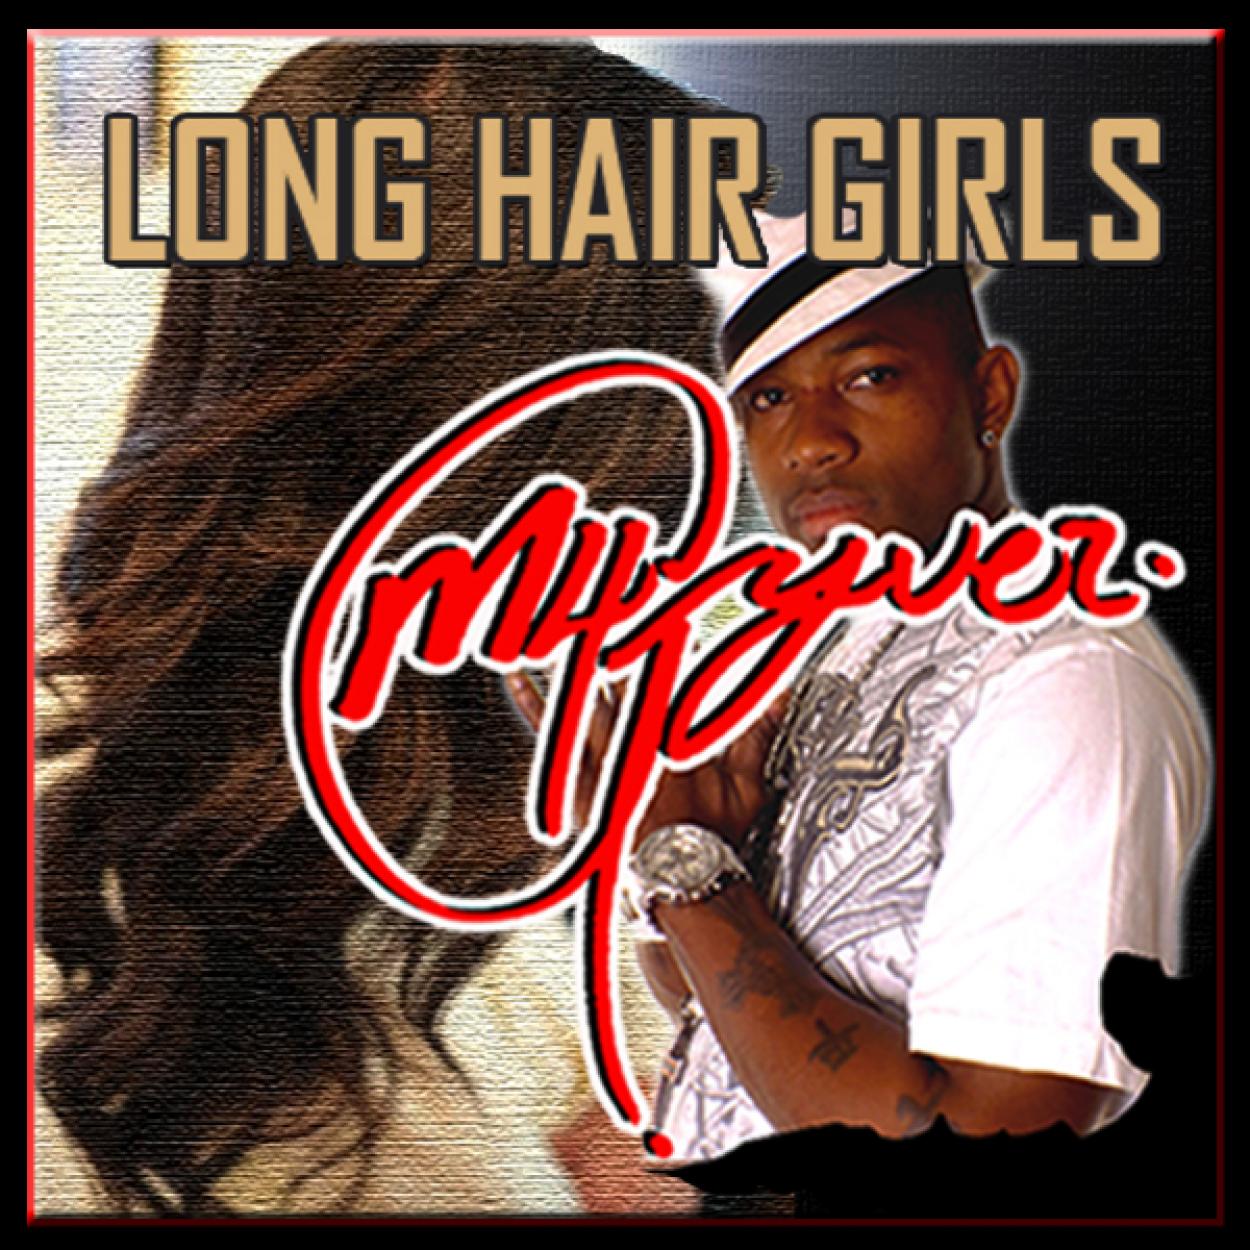 LONG HAIR GIRL